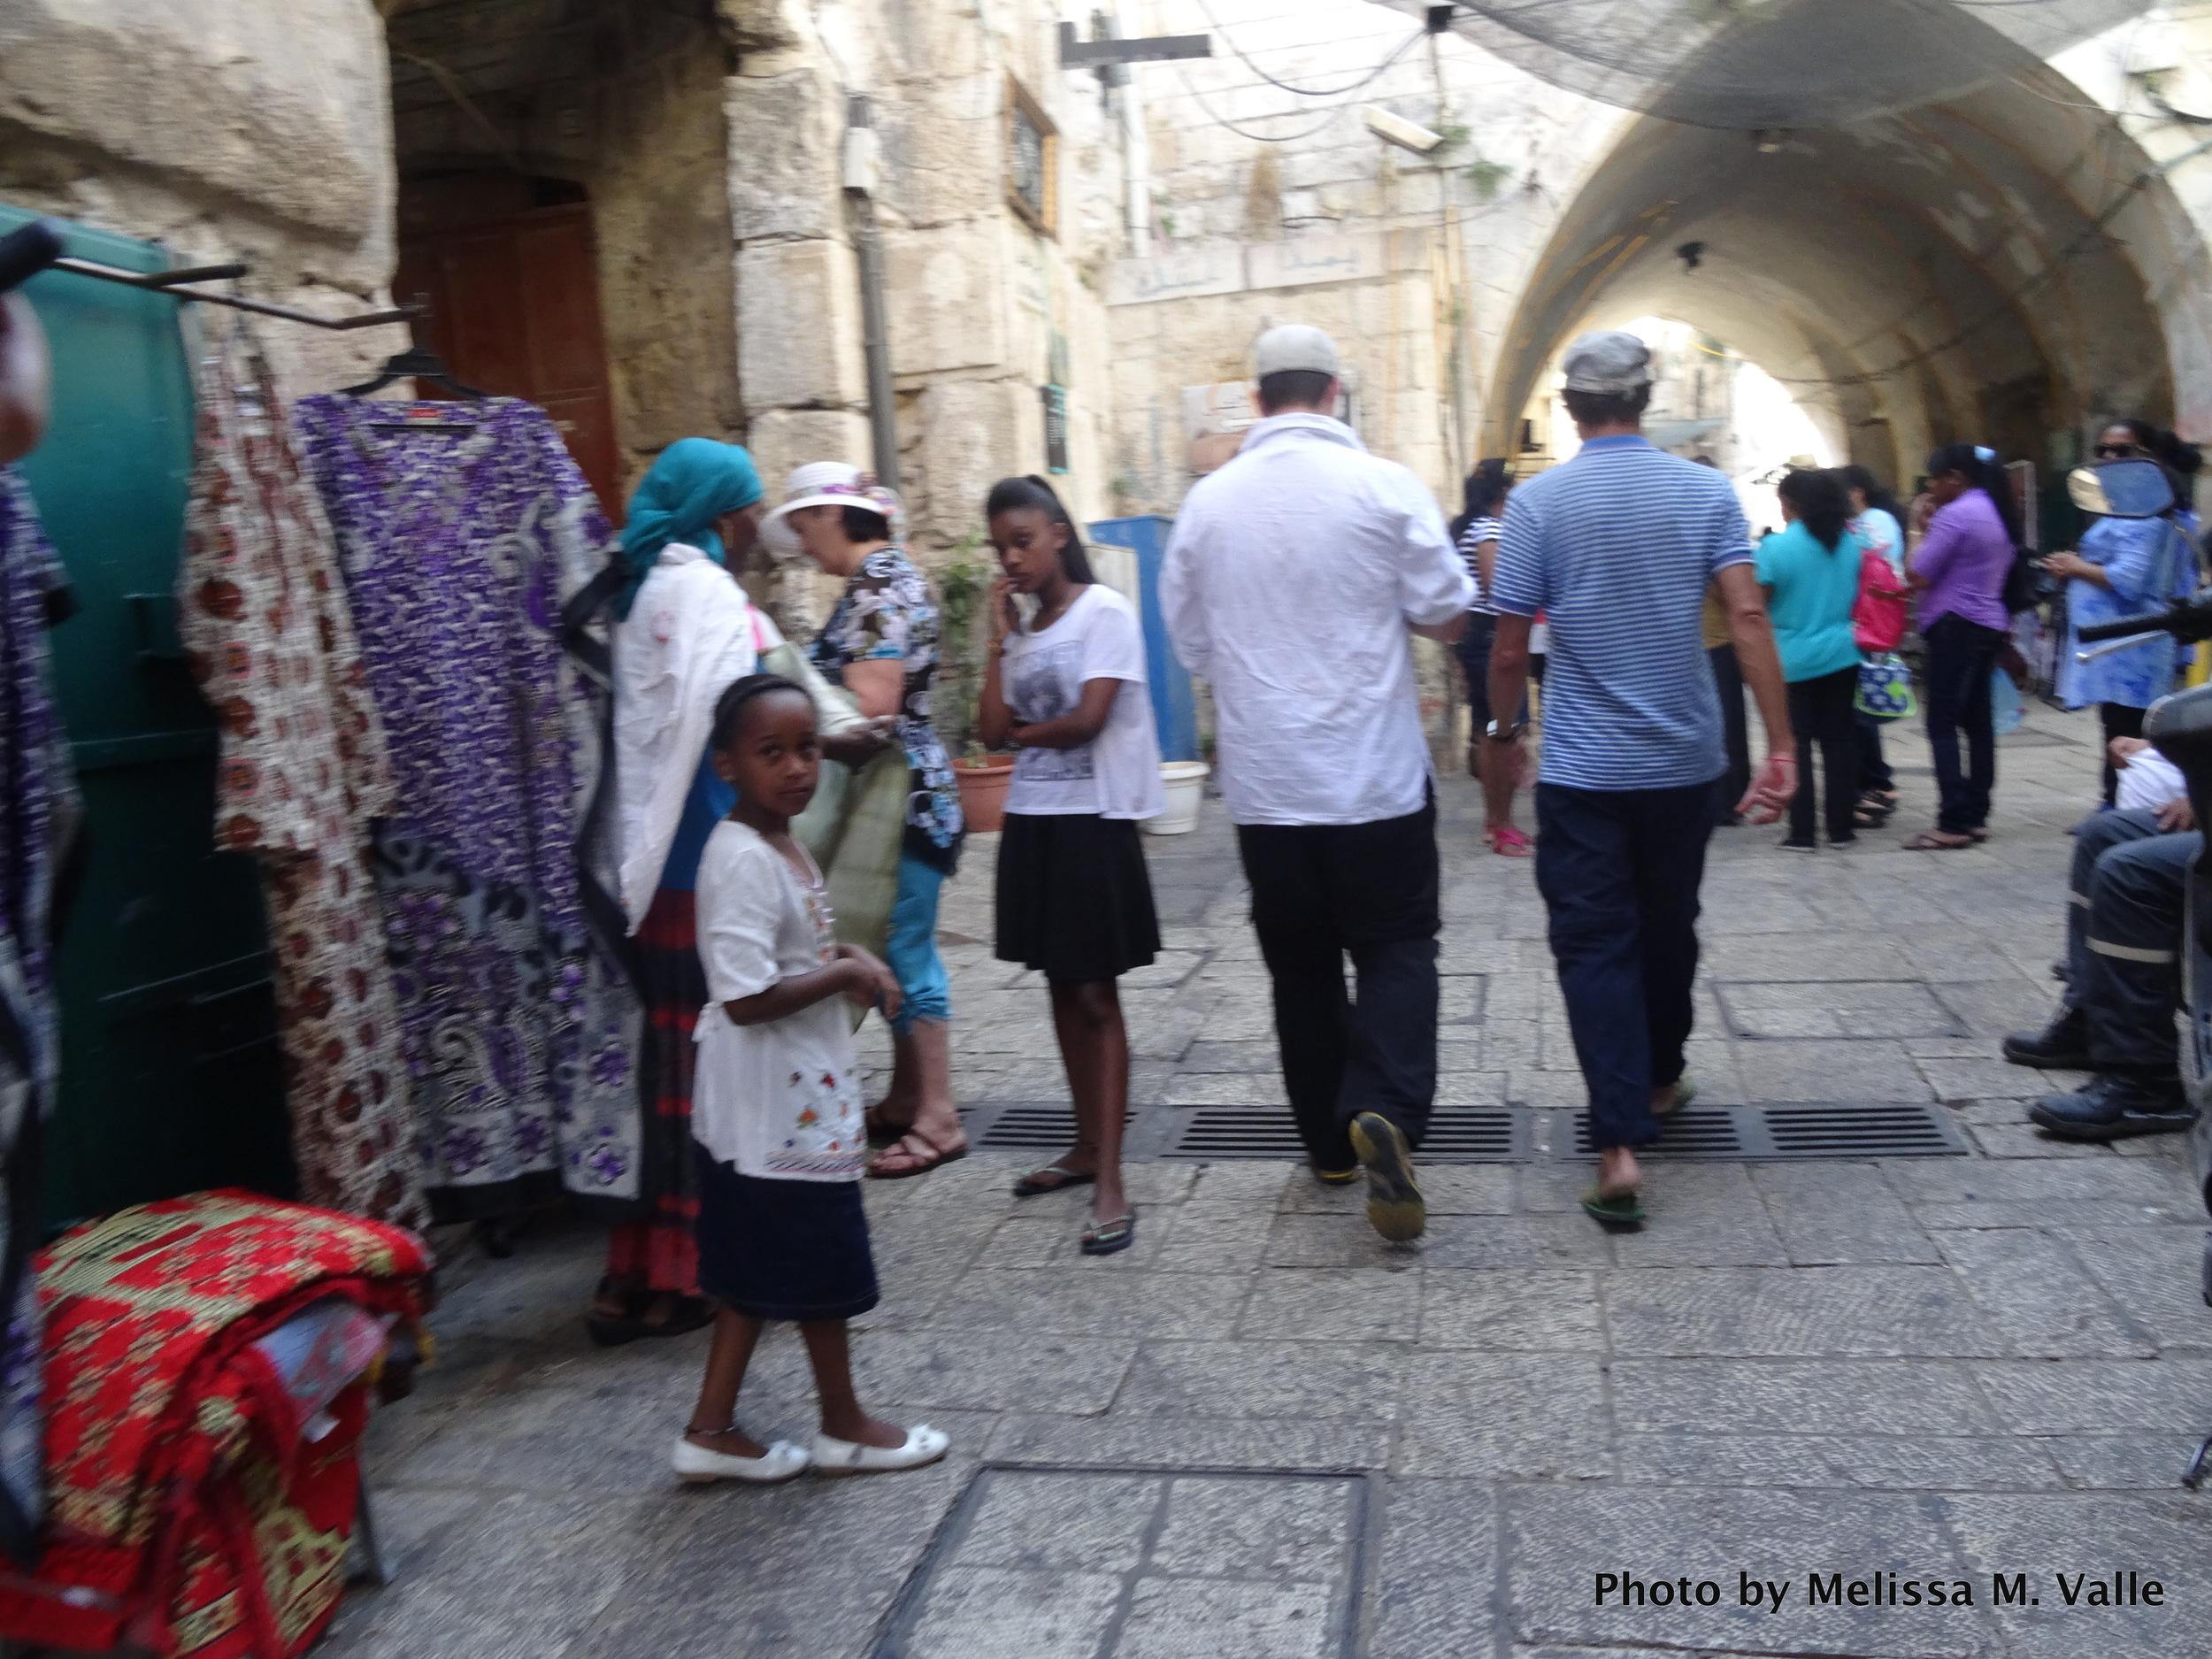 Afro-descendants in the Old City of East Jerusalem